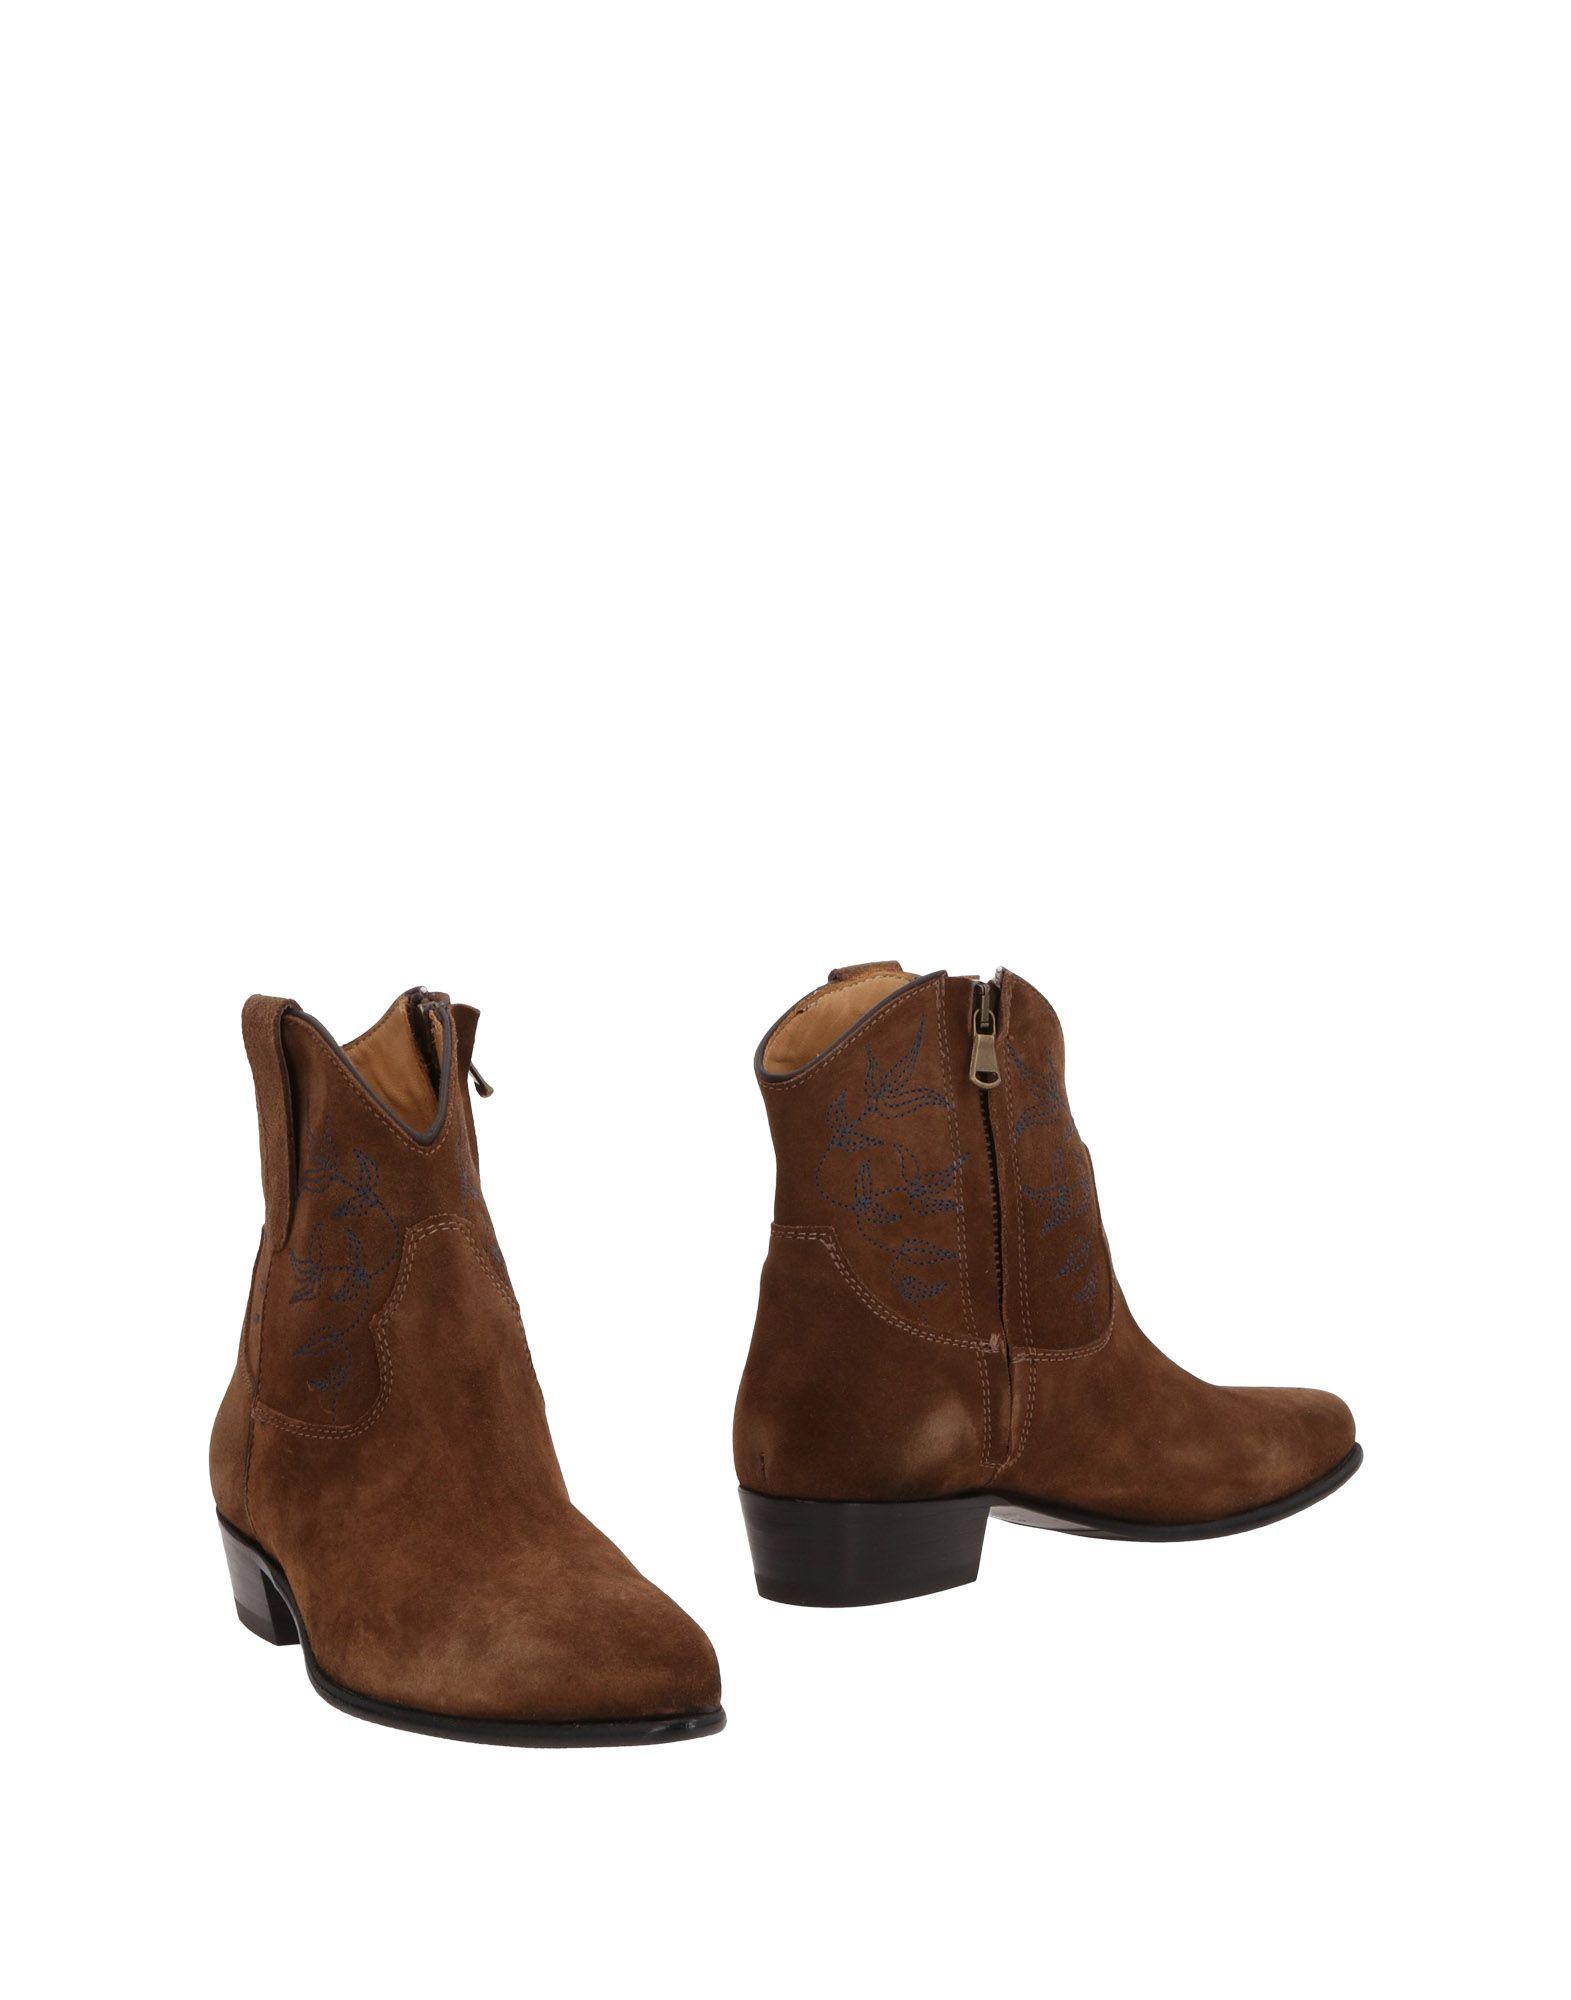 Stilvolle billige  Schuhe Seboy's Stiefelette Damen  billige 11464327HR 113ff1